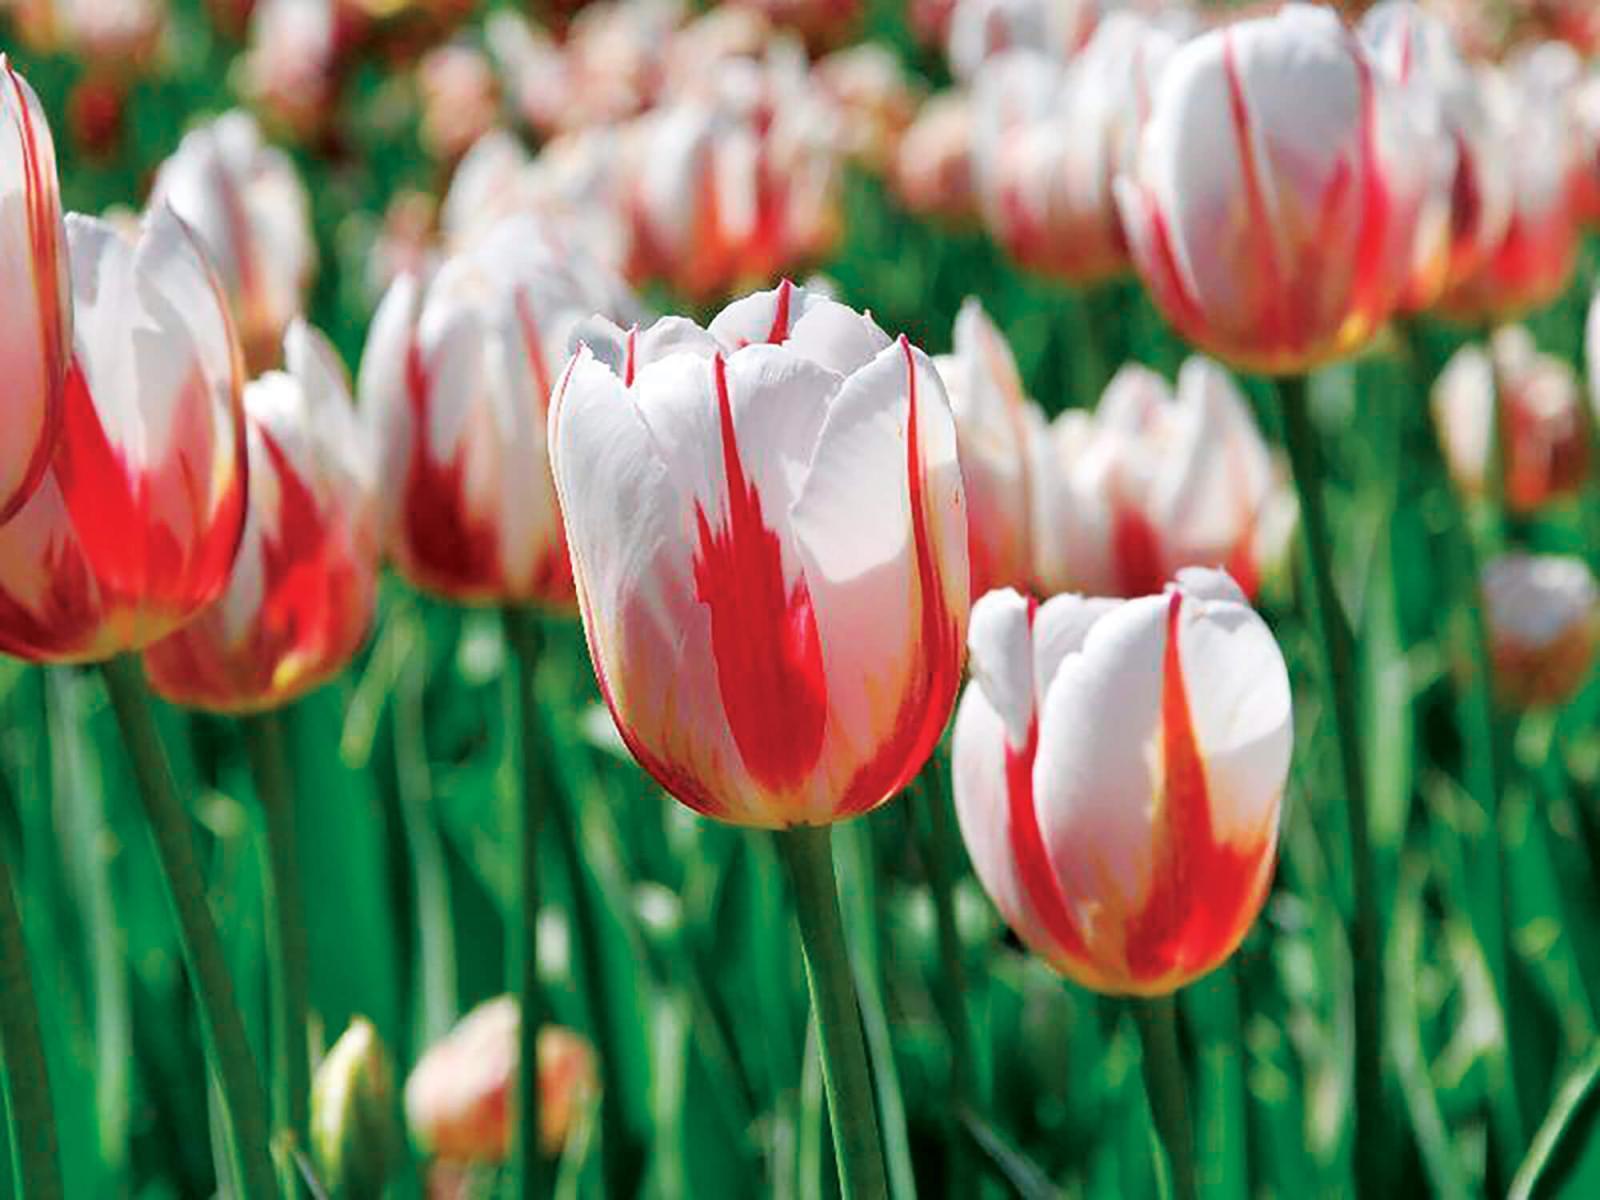 Canada's sesquicentennial tulip